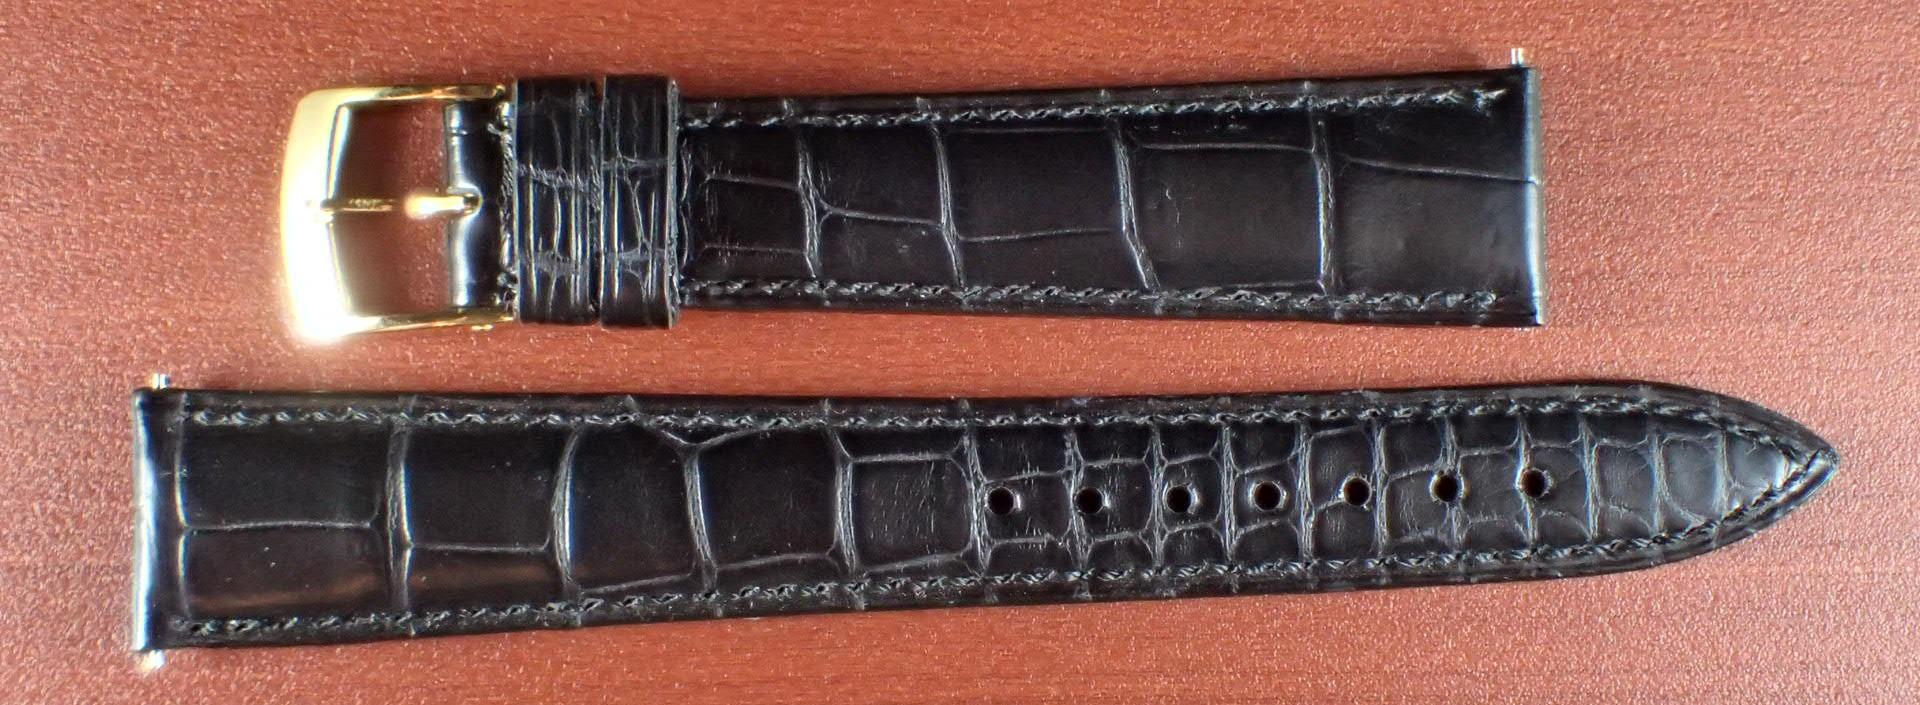 ジャン・クロード ペラン革ベルト(オールドペラン)クロコダイル ブラック 17mm 手縫い